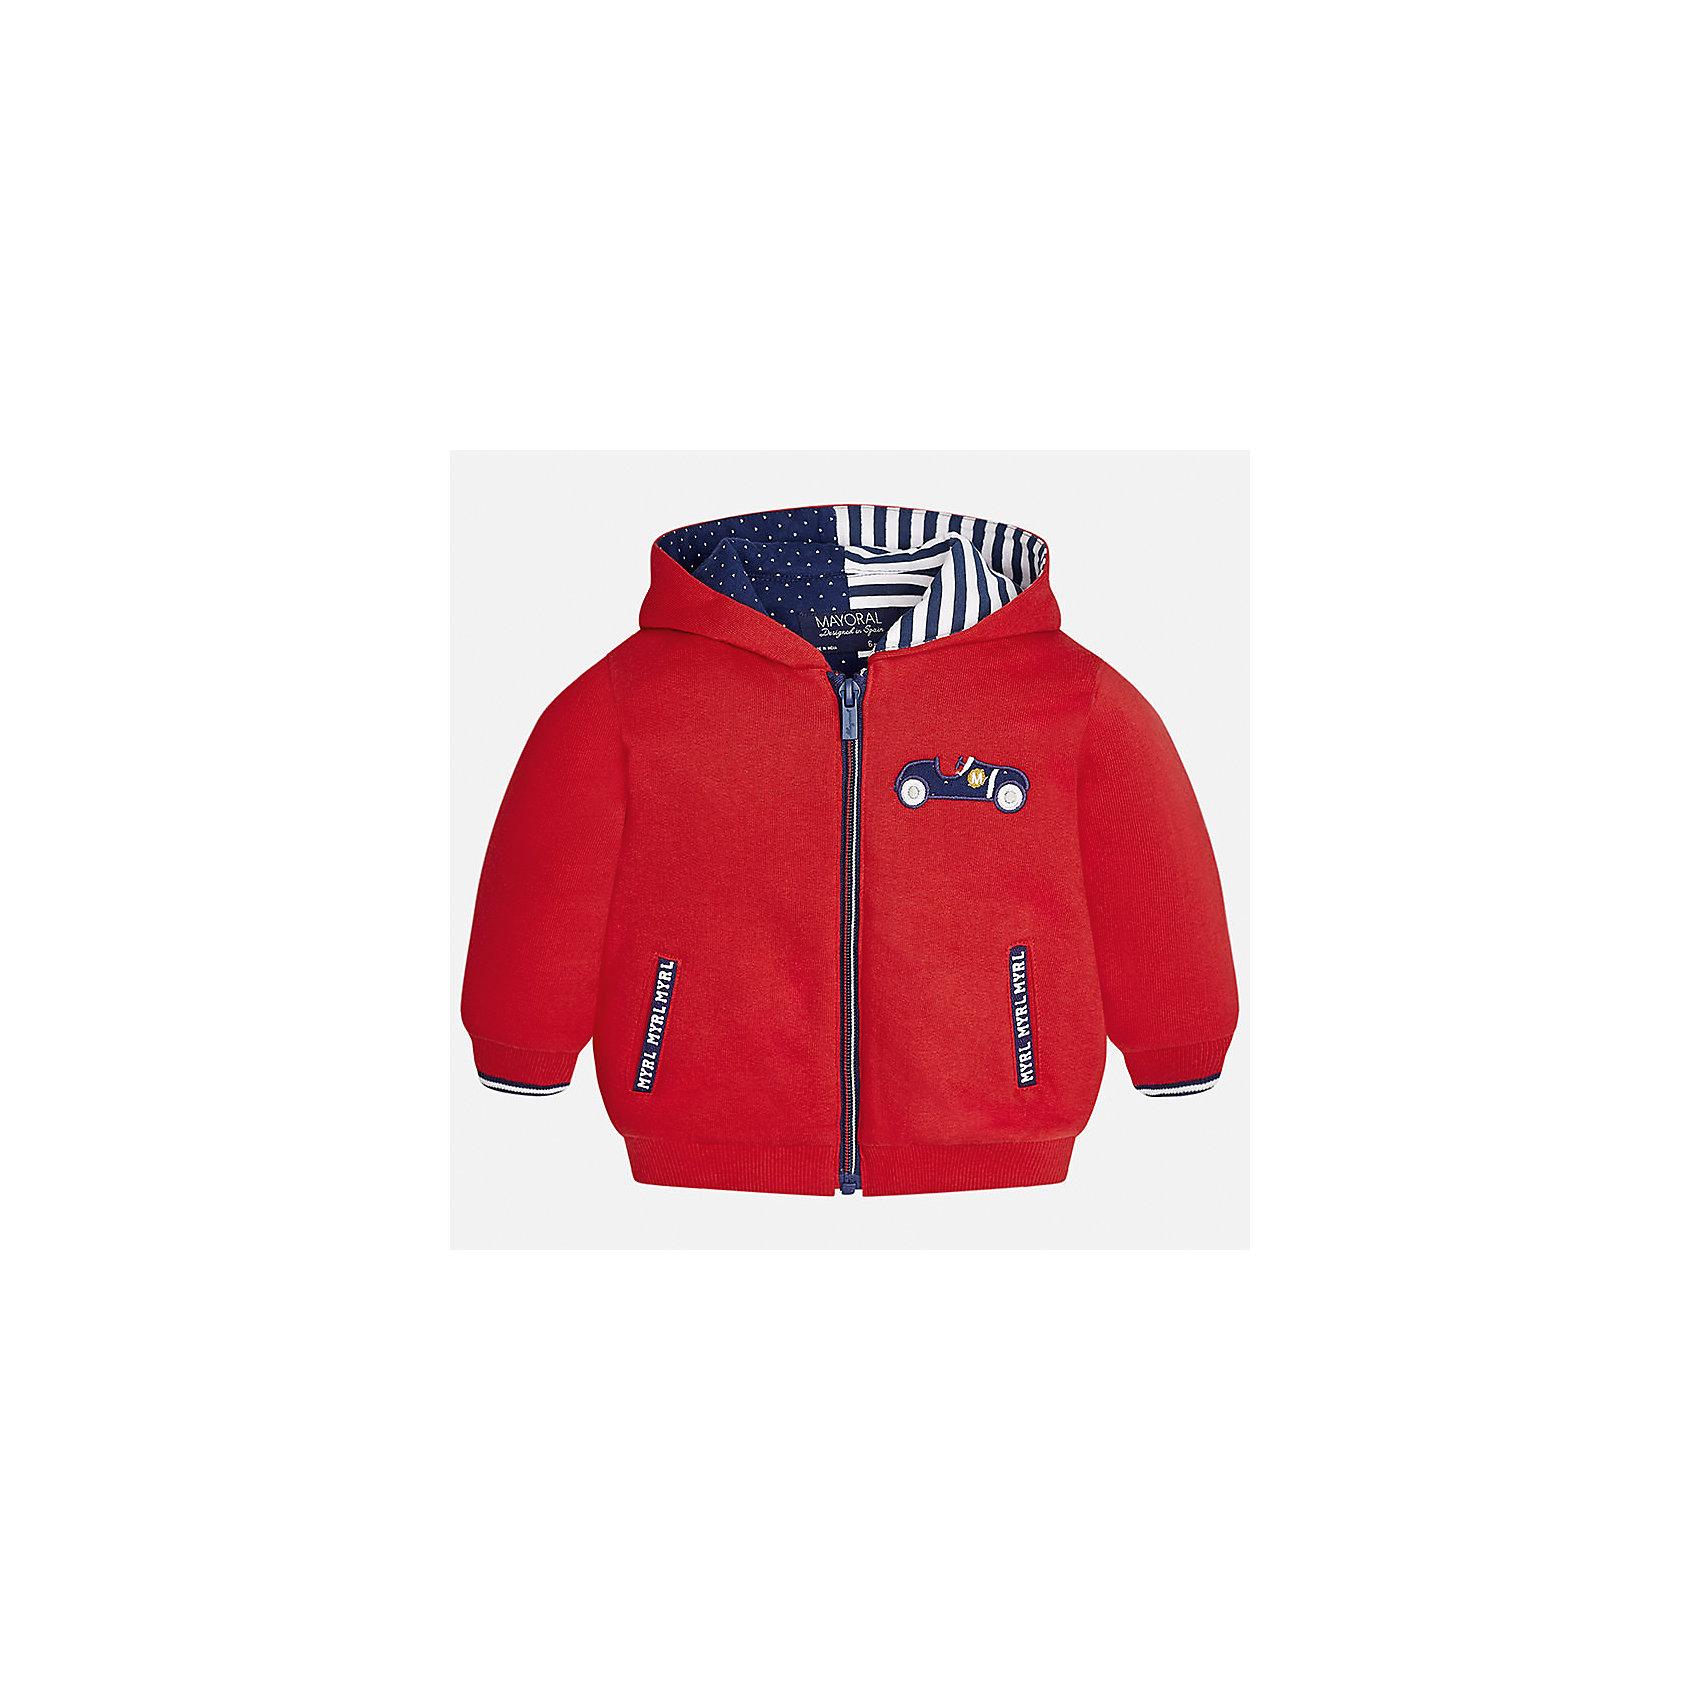 Куртка Mayoral для мальчикаВерхняя одежда<br>Характеристики товара:<br><br>• цвет: красный<br>• состав ткани: 65% хлопок, 35% полиэстер<br>• сезон: демисезон<br>• температурный режим: от +5 до +20<br>• особенности куртки: с капюшоном<br>• капюшон: несъемный<br>• застежка: молния<br>• страна бренда: Испания<br>• страна изготовитель: Индия<br><br>Демисезонная детская куртка сделана из легкого, но теплого материала. Благодаря качественной ткани детской куртки для мальчика создаются комфортные условия для тела. Эта куртка для мальчика отличается стильным продуманным дизайном.<br><br>Куртку для мальчика Mayoral (Майорал) можно купить в нашем интернет-магазине.<br><br>Ширина мм: 356<br>Глубина мм: 10<br>Высота мм: 245<br>Вес г: 519<br>Цвет: бежевый<br>Возраст от месяцев: 6<br>Возраст до месяцев: 9<br>Пол: Мужской<br>Возраст: Детский<br>Размер: 74,98,80,86,92<br>SKU: 6935278